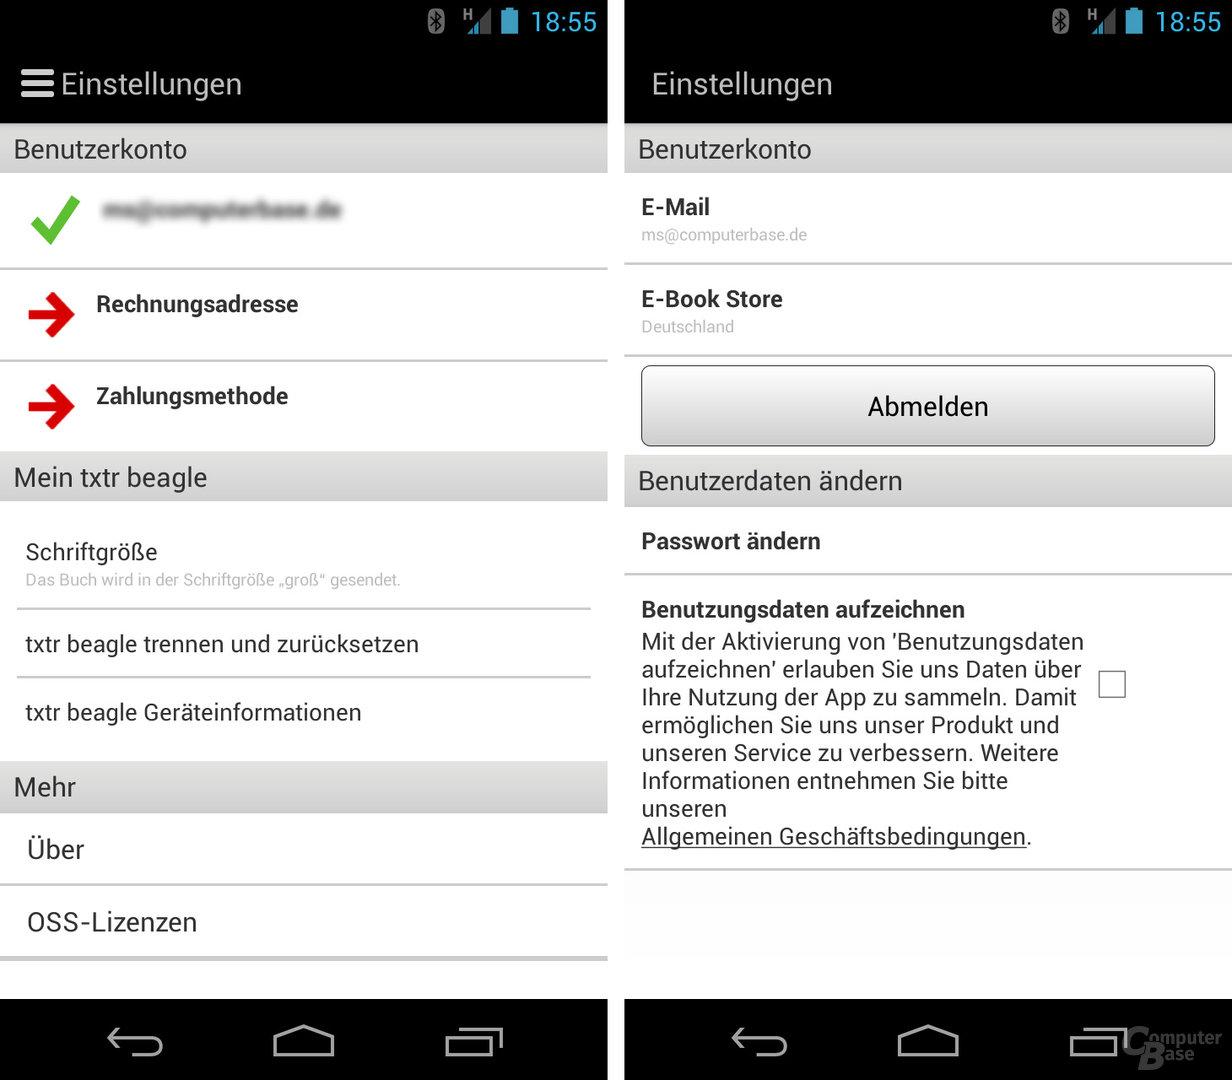 Einstellungen der Beagle-Software unter Android